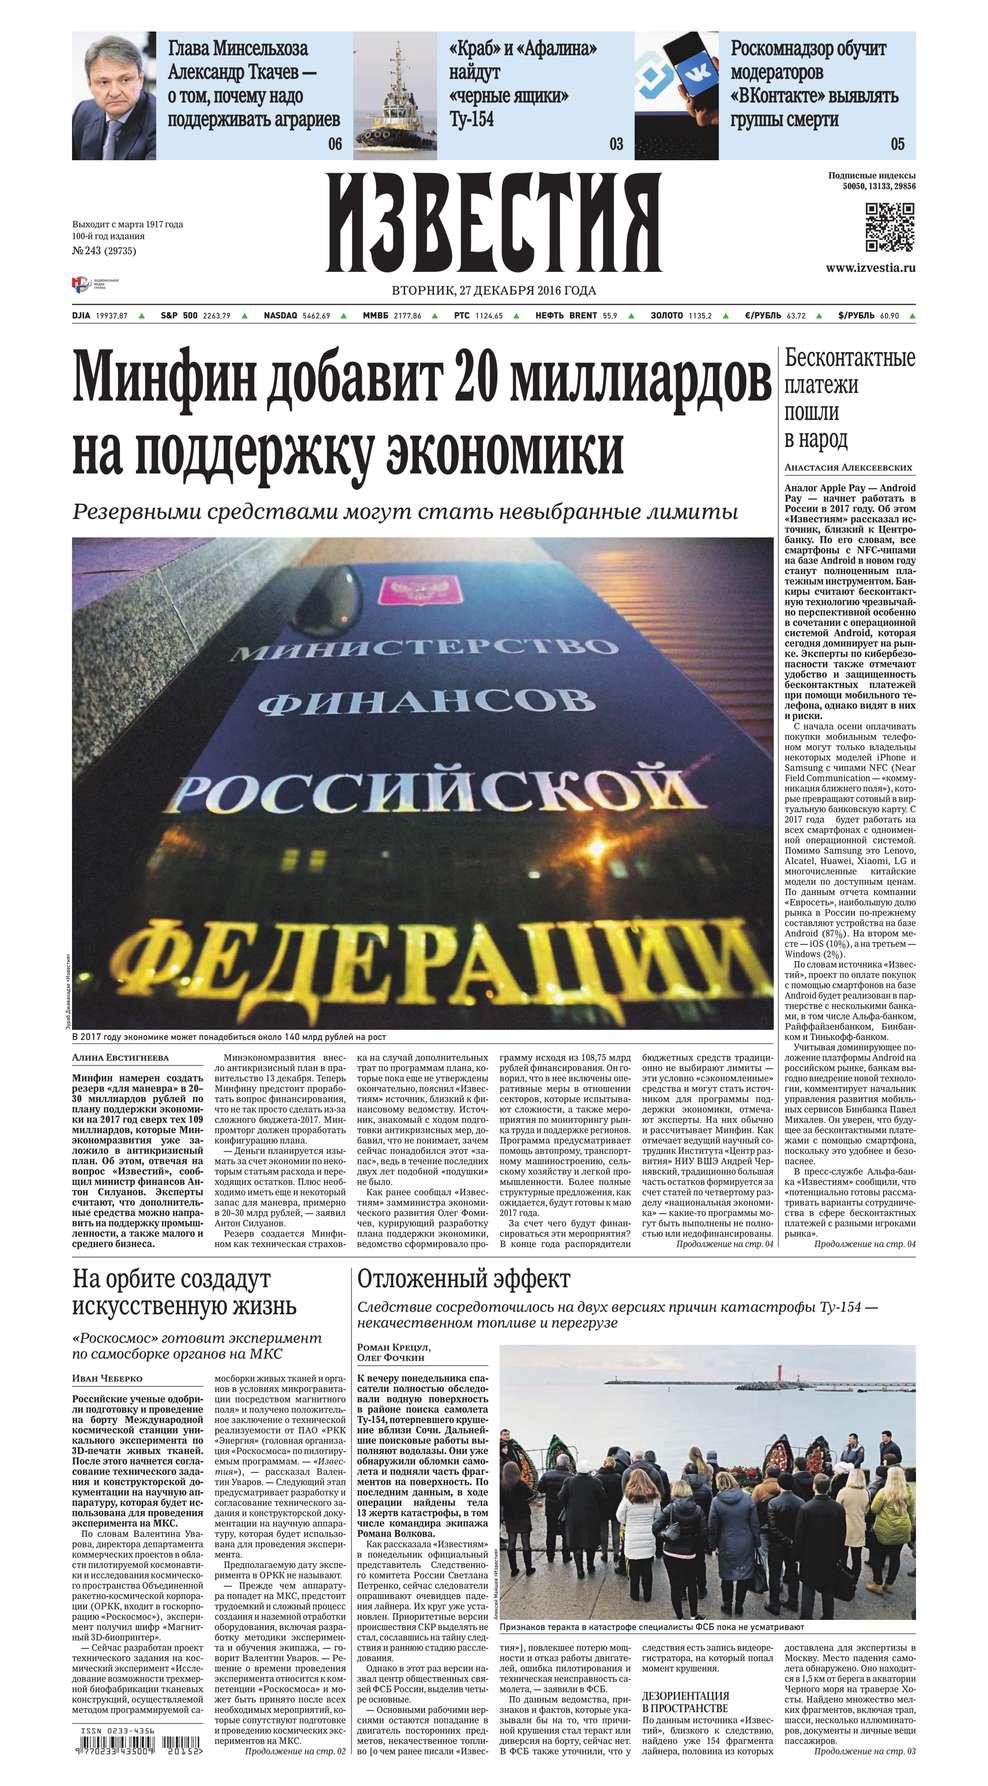 Известия 243-2016 фото